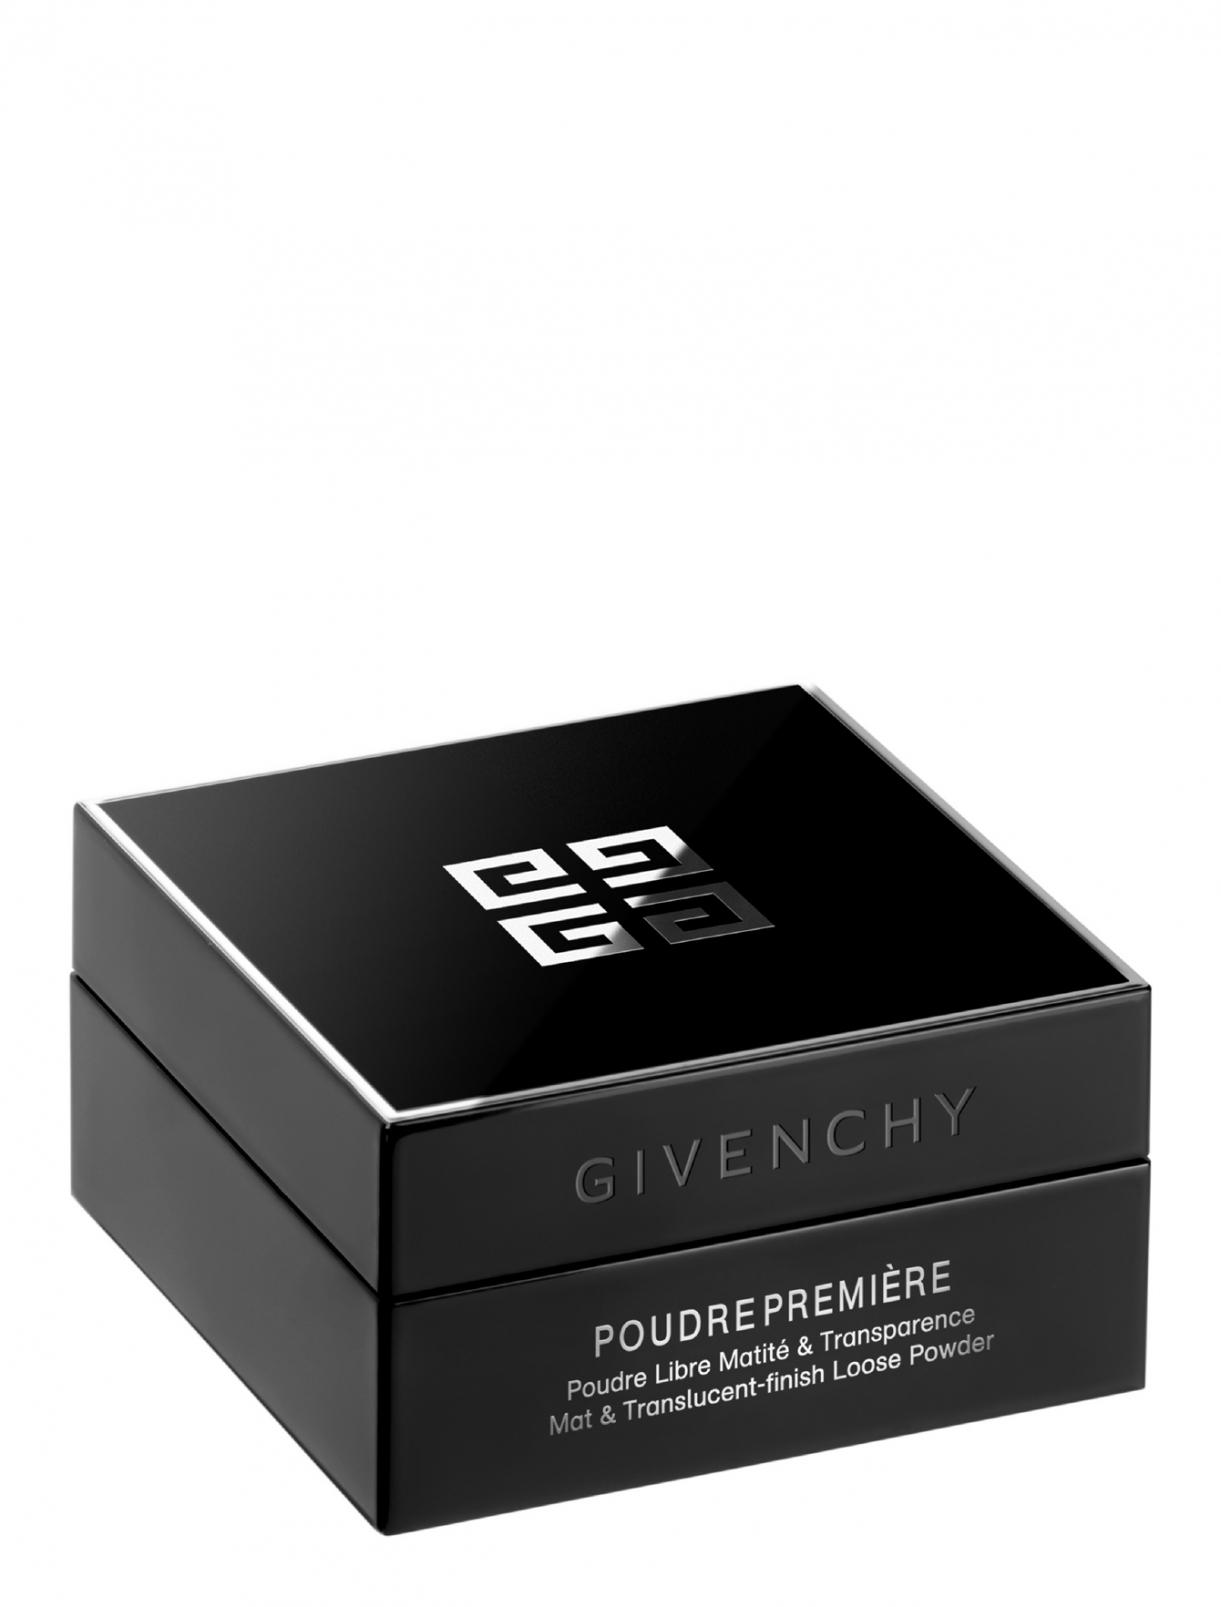 Матирующая рассыпчатая пудра для лица POUDRE PREMIERE, 16 г Givenchy  –  Общий вид